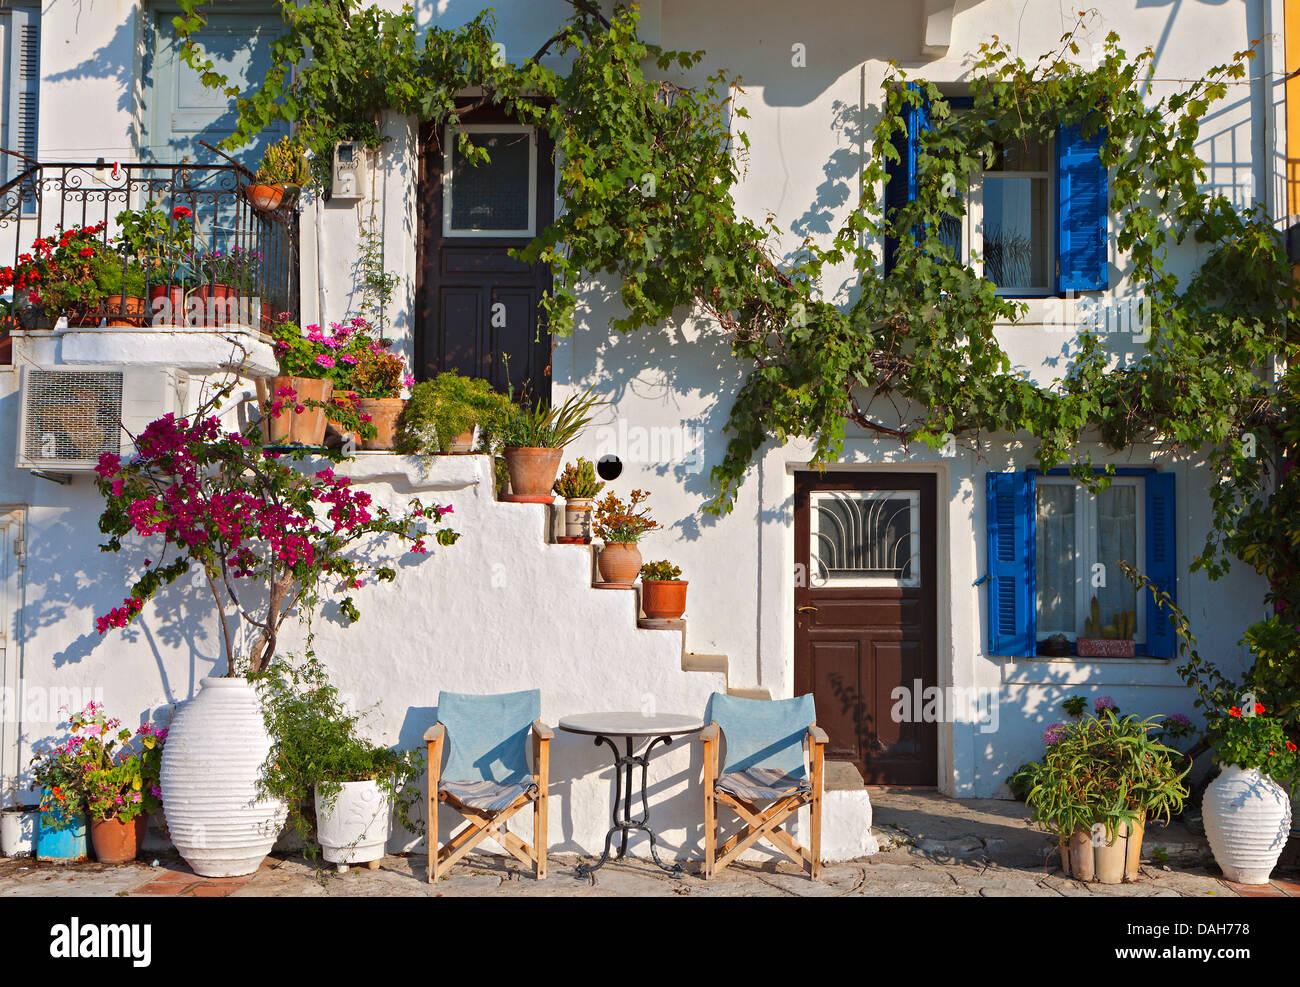 Casa tradicional griega en Parga ciudad en Grecia Imagen De Stock